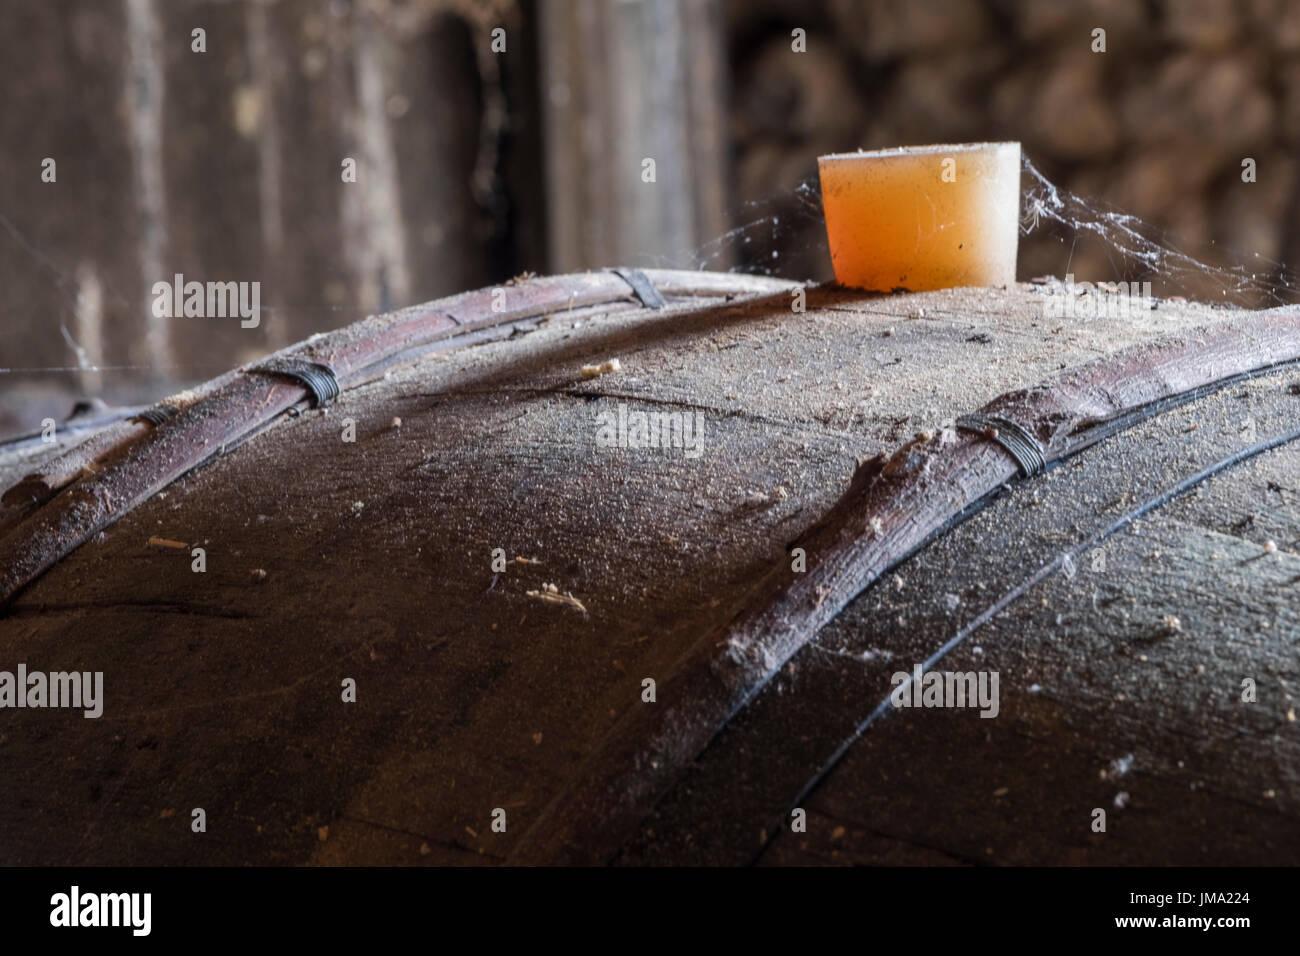 Close up of a maturing cognac barrel - Stock Image